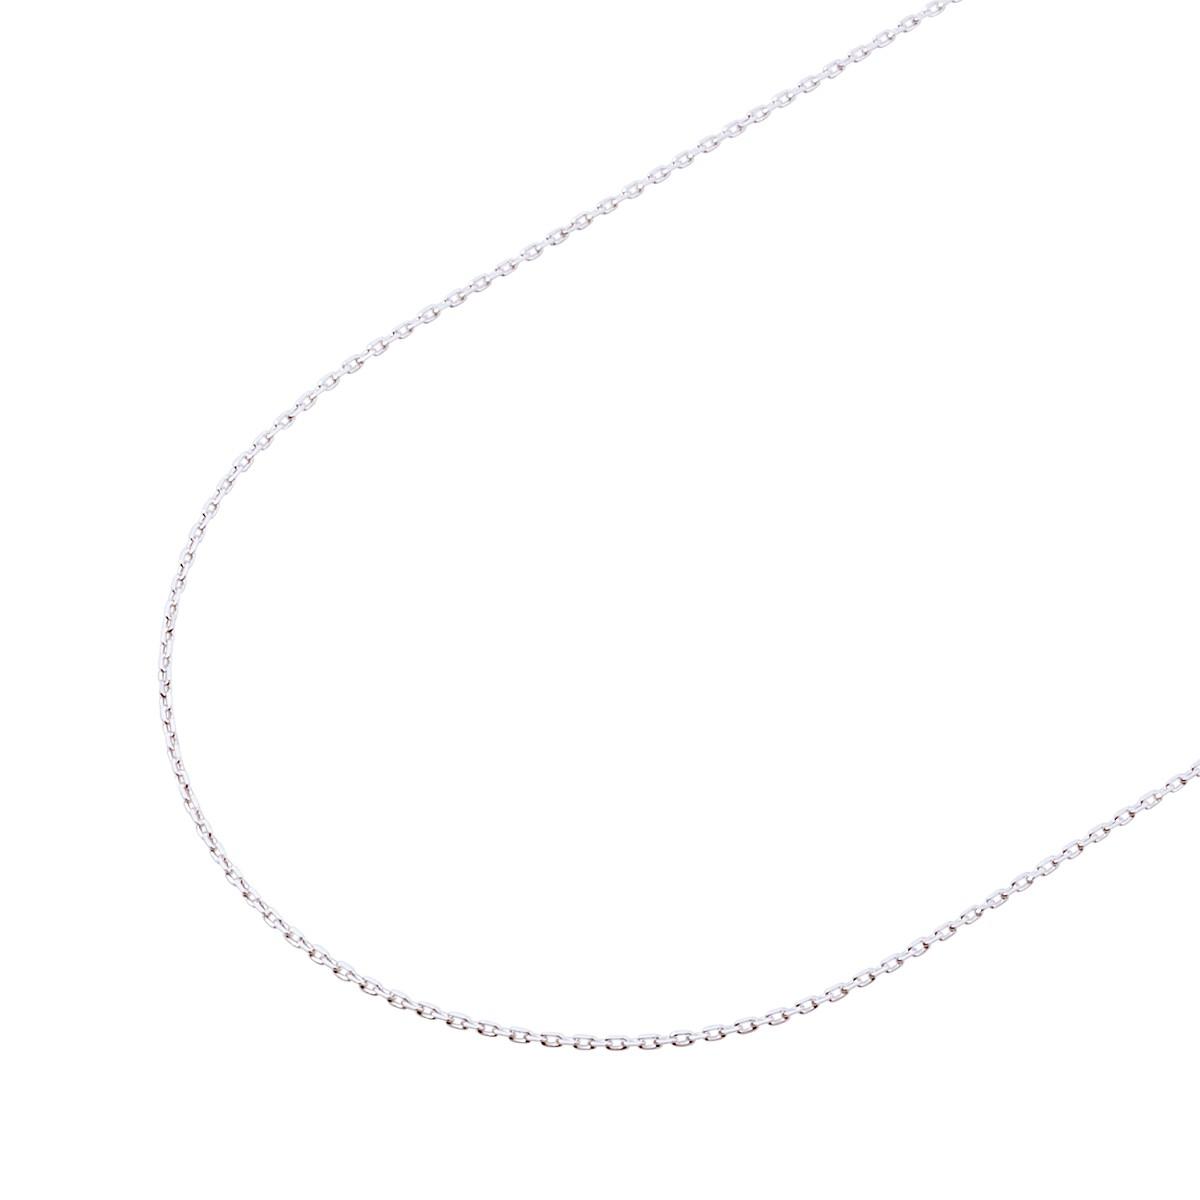 プレミアムシルバー950 チェーン PCA30-40